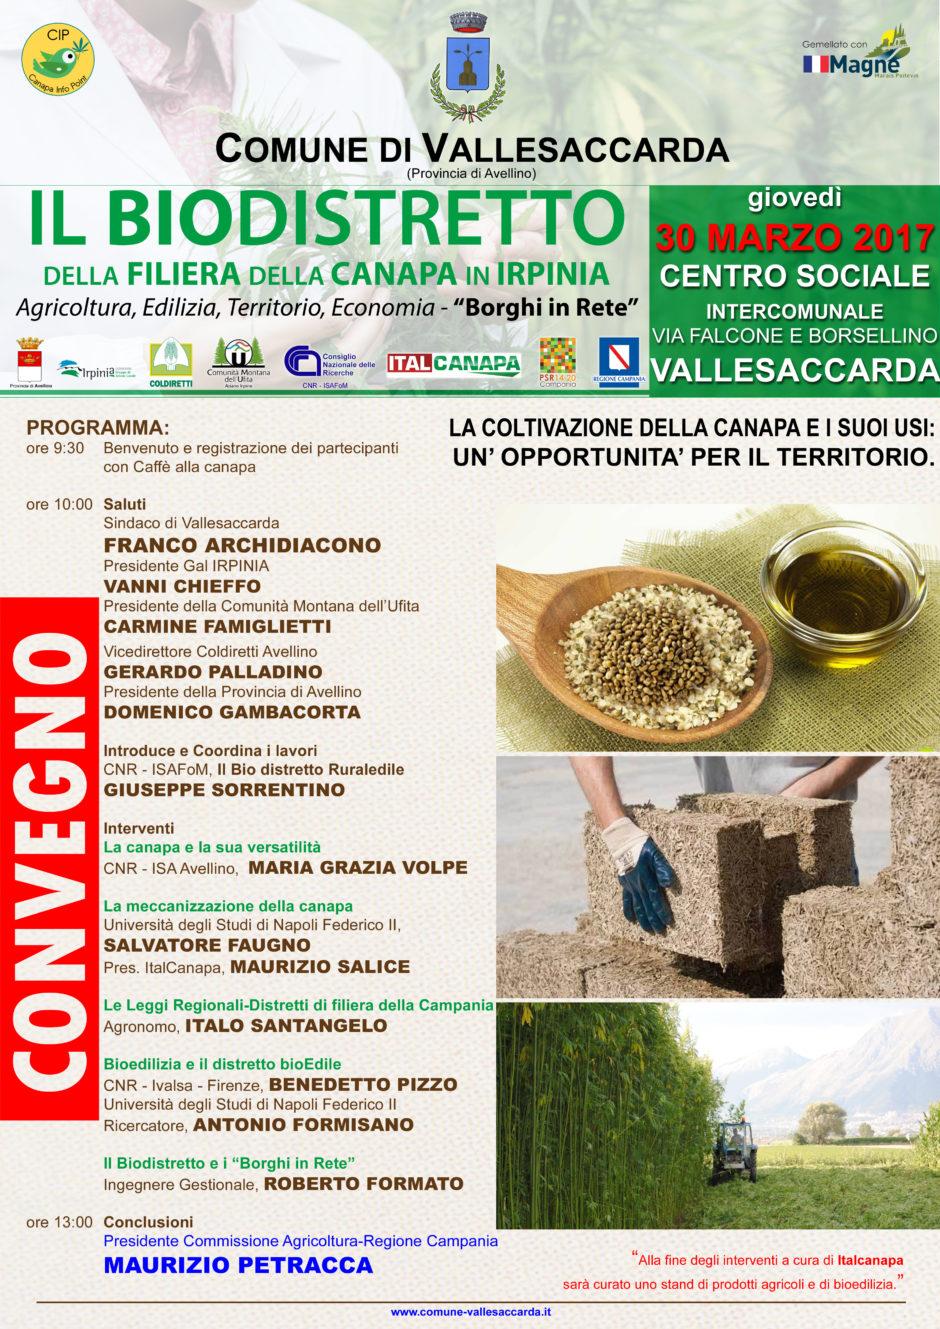 biodistretto-della-canapa-in-irpinia_a3_30032017